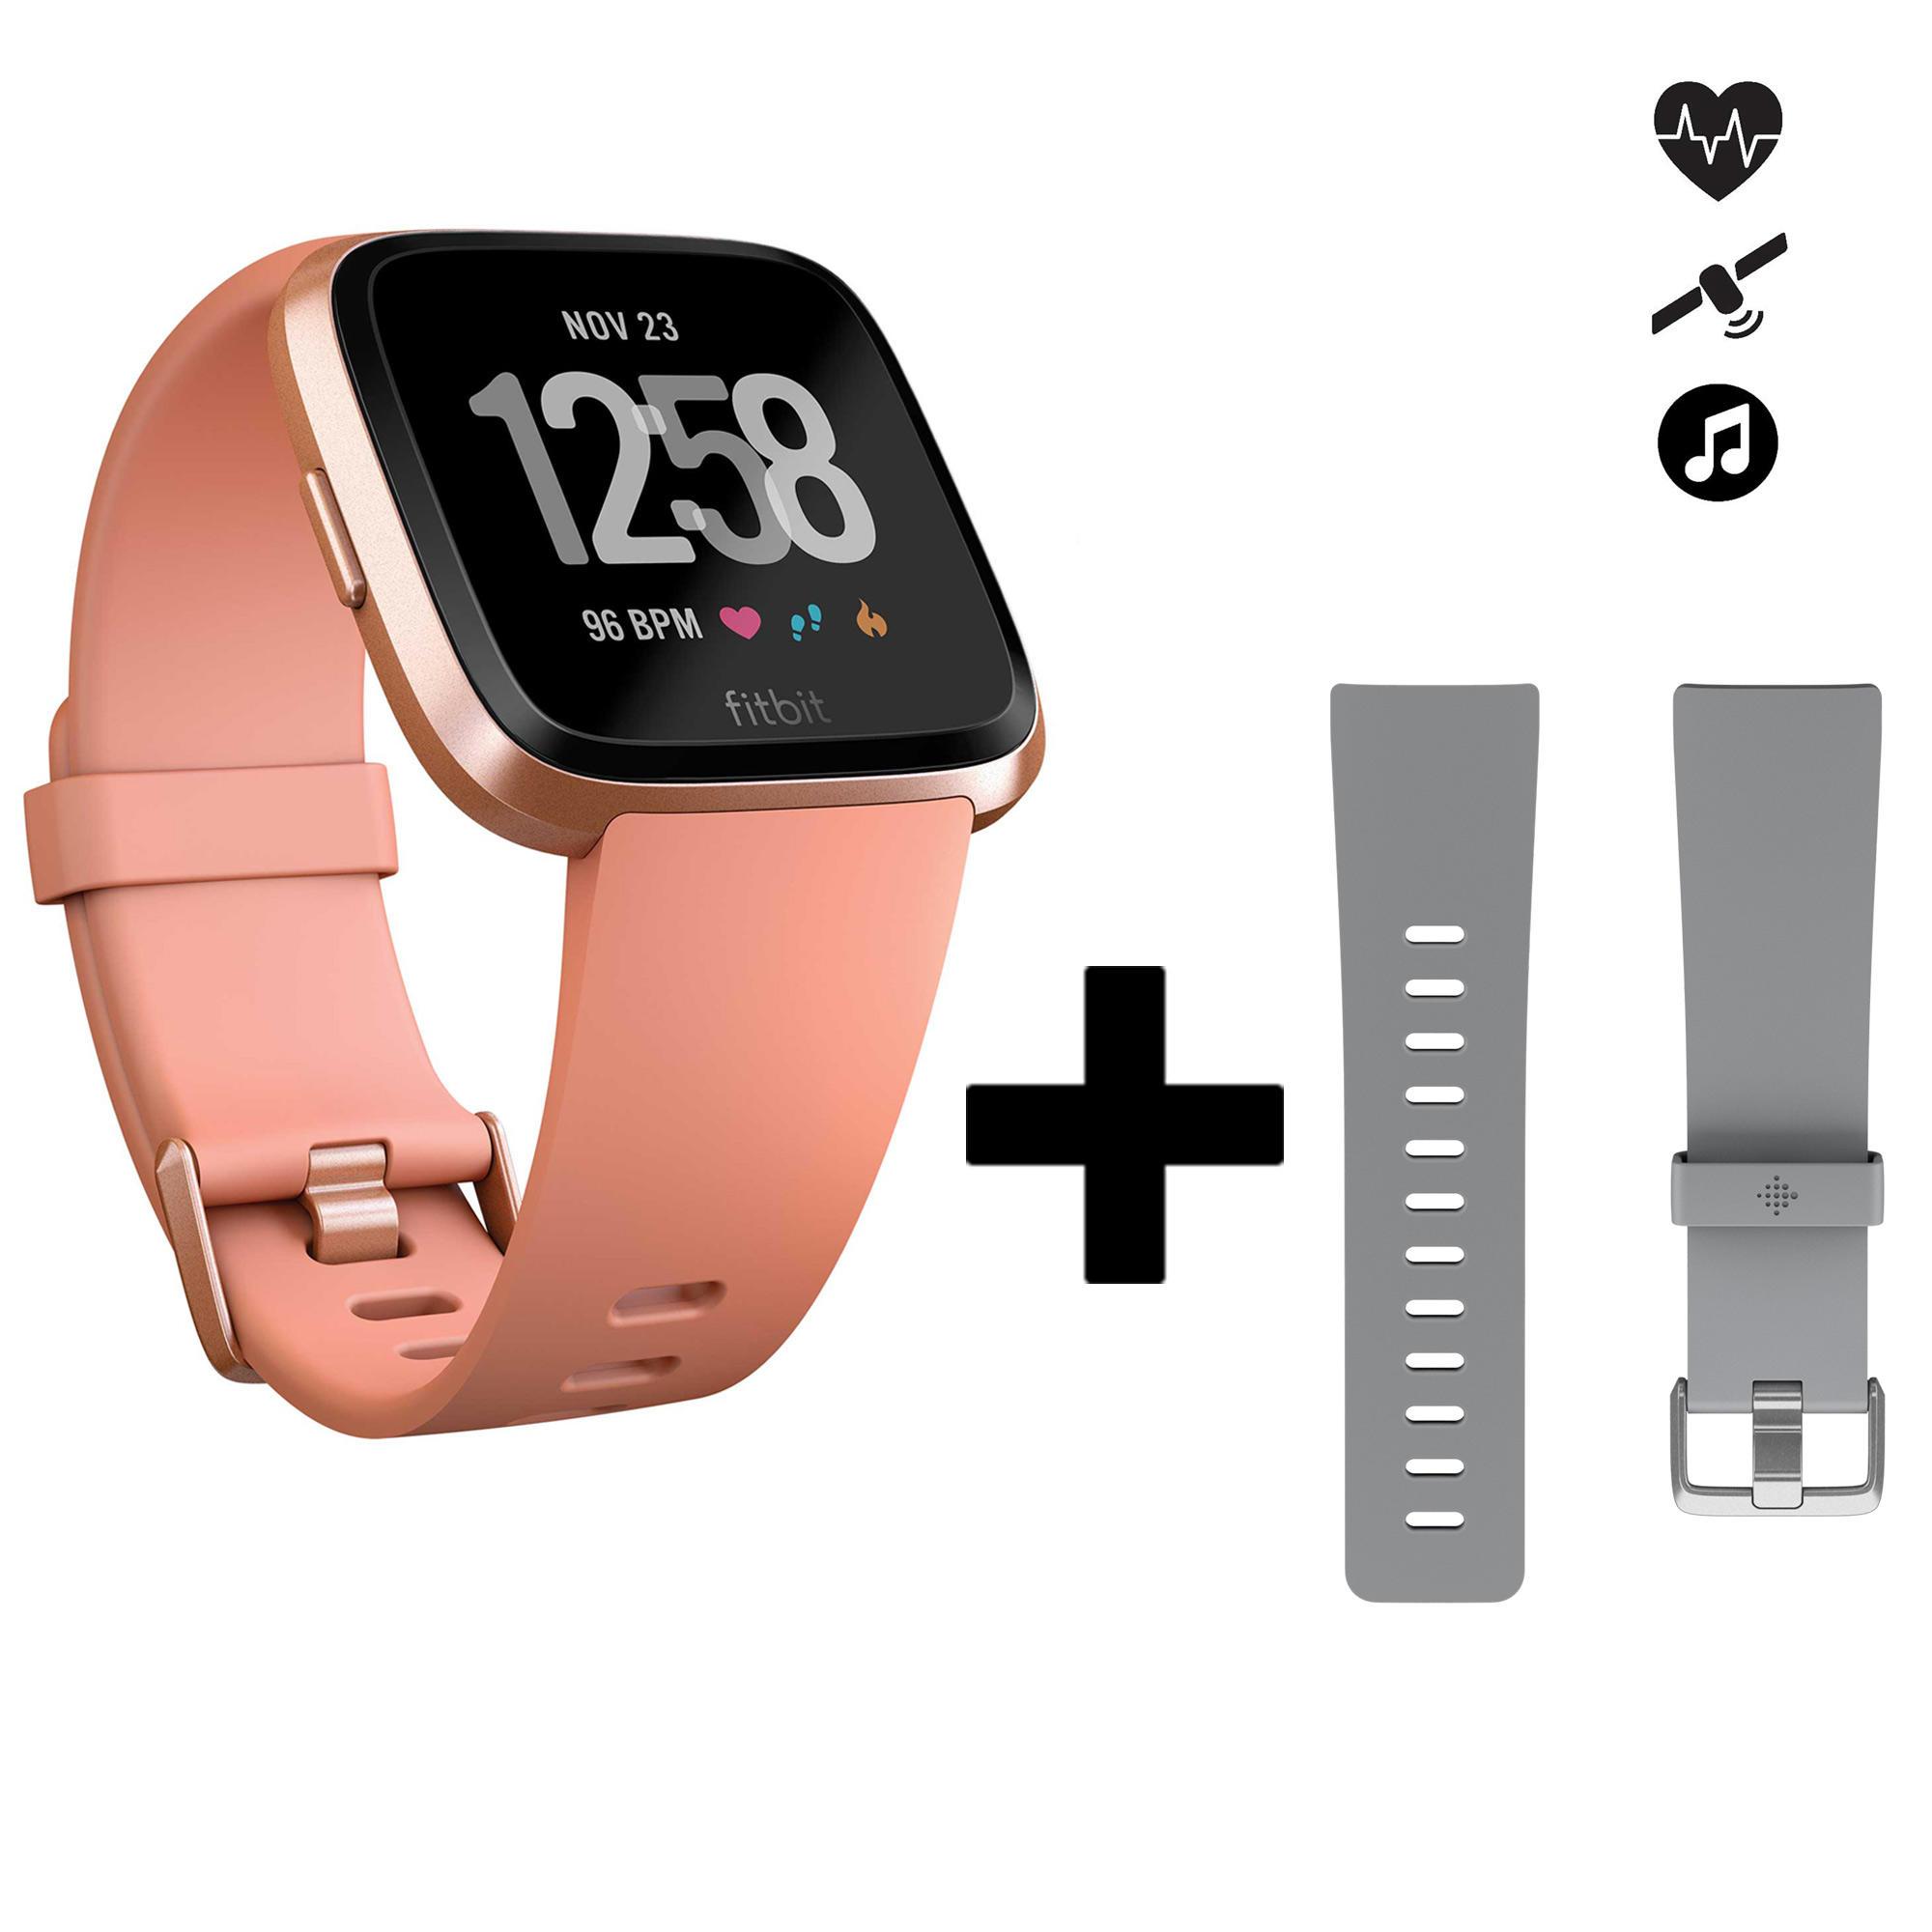 Versa pfirsich Smartwatch mit Pulsmesser am Handgelenk + graues Armband | Uhren > Smartwatches | Orange - Rosa | Fitbit